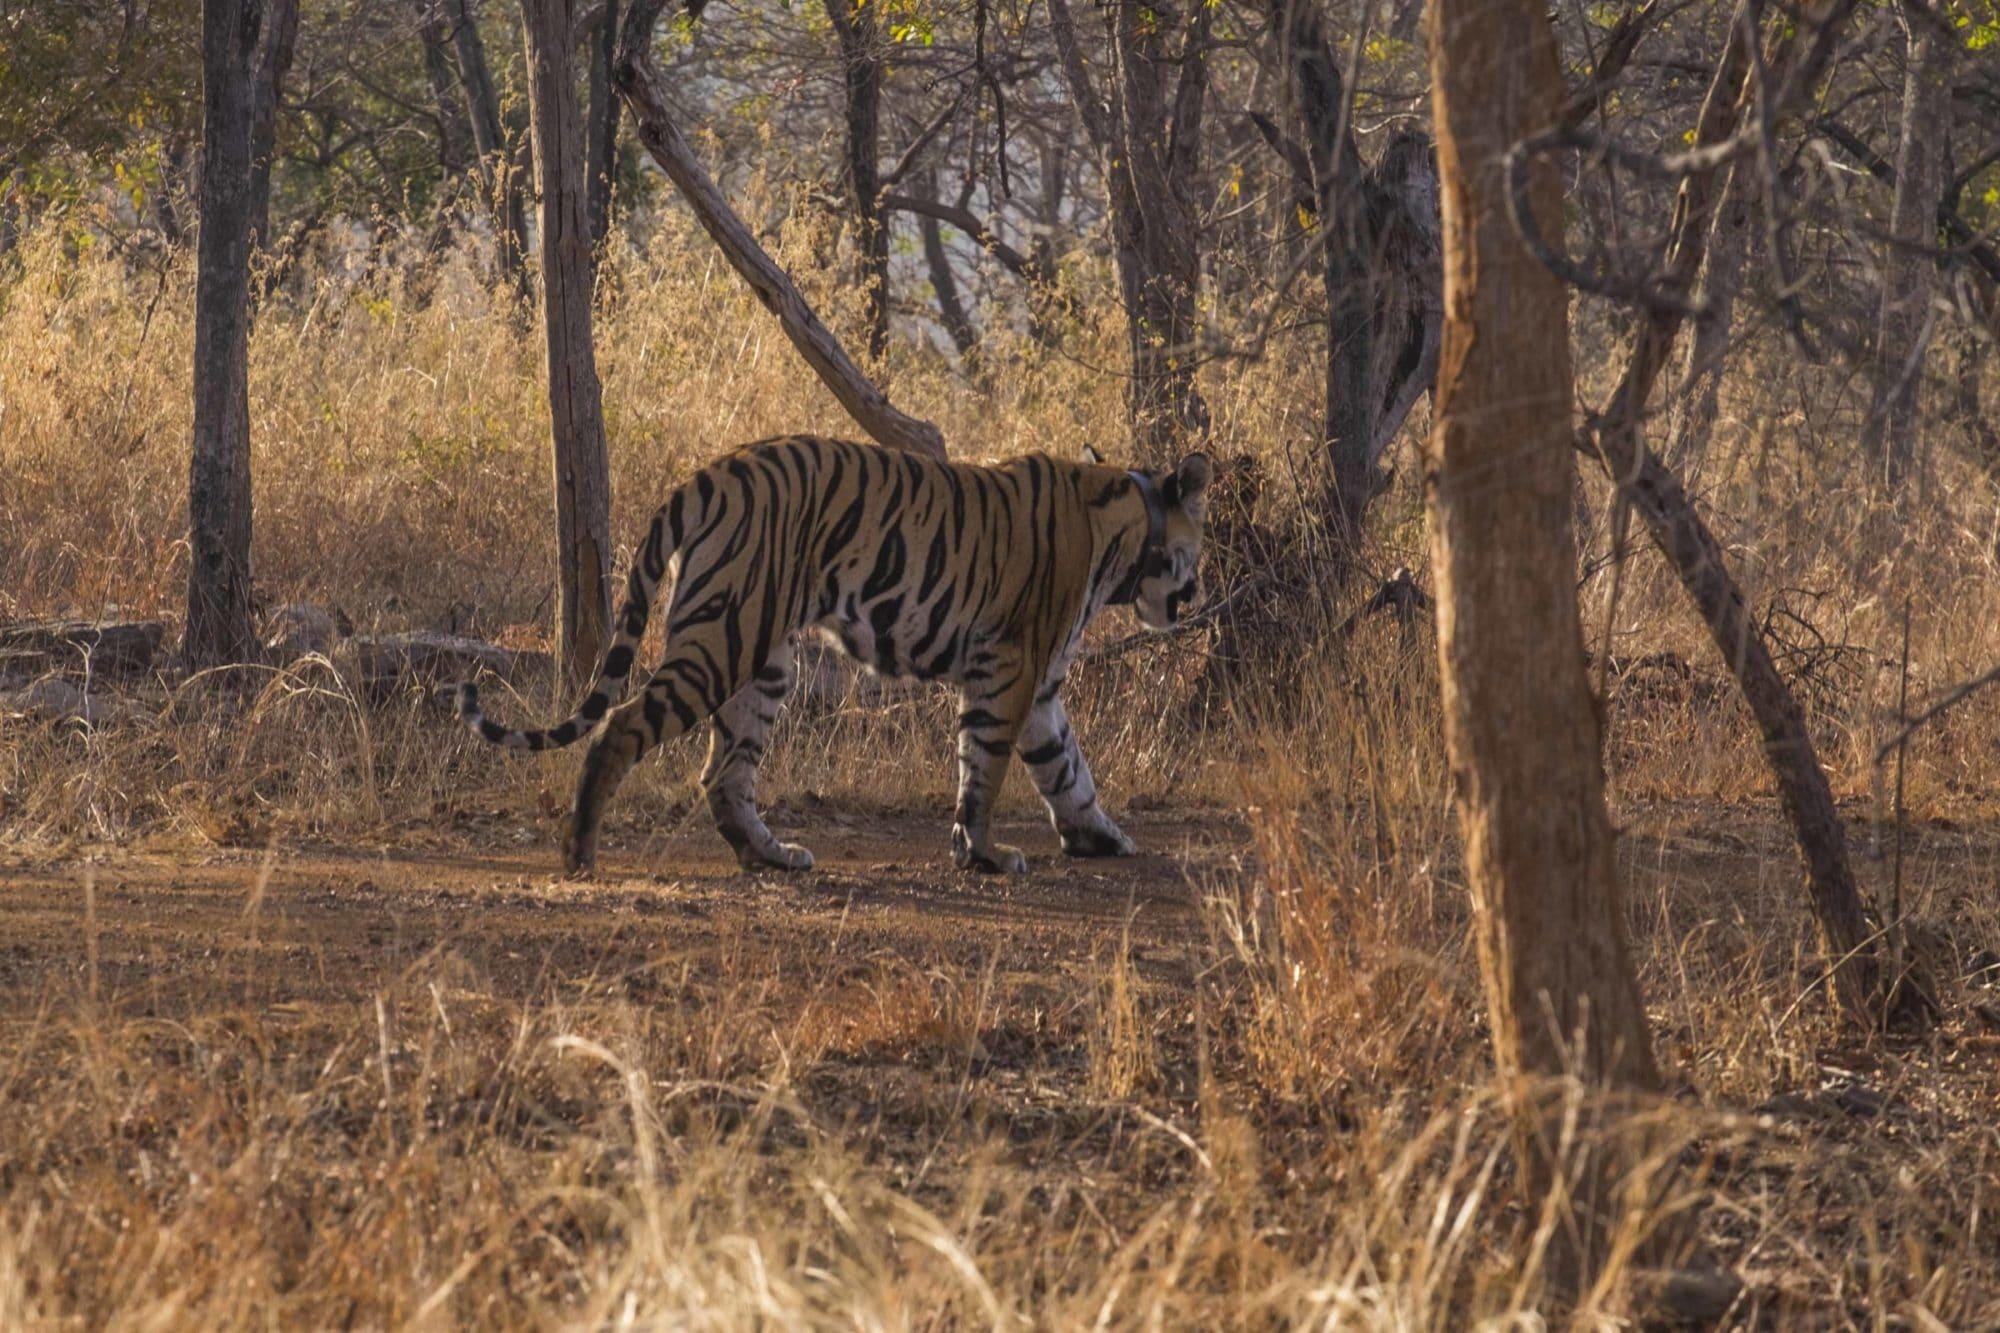 Tiger Panna National Park